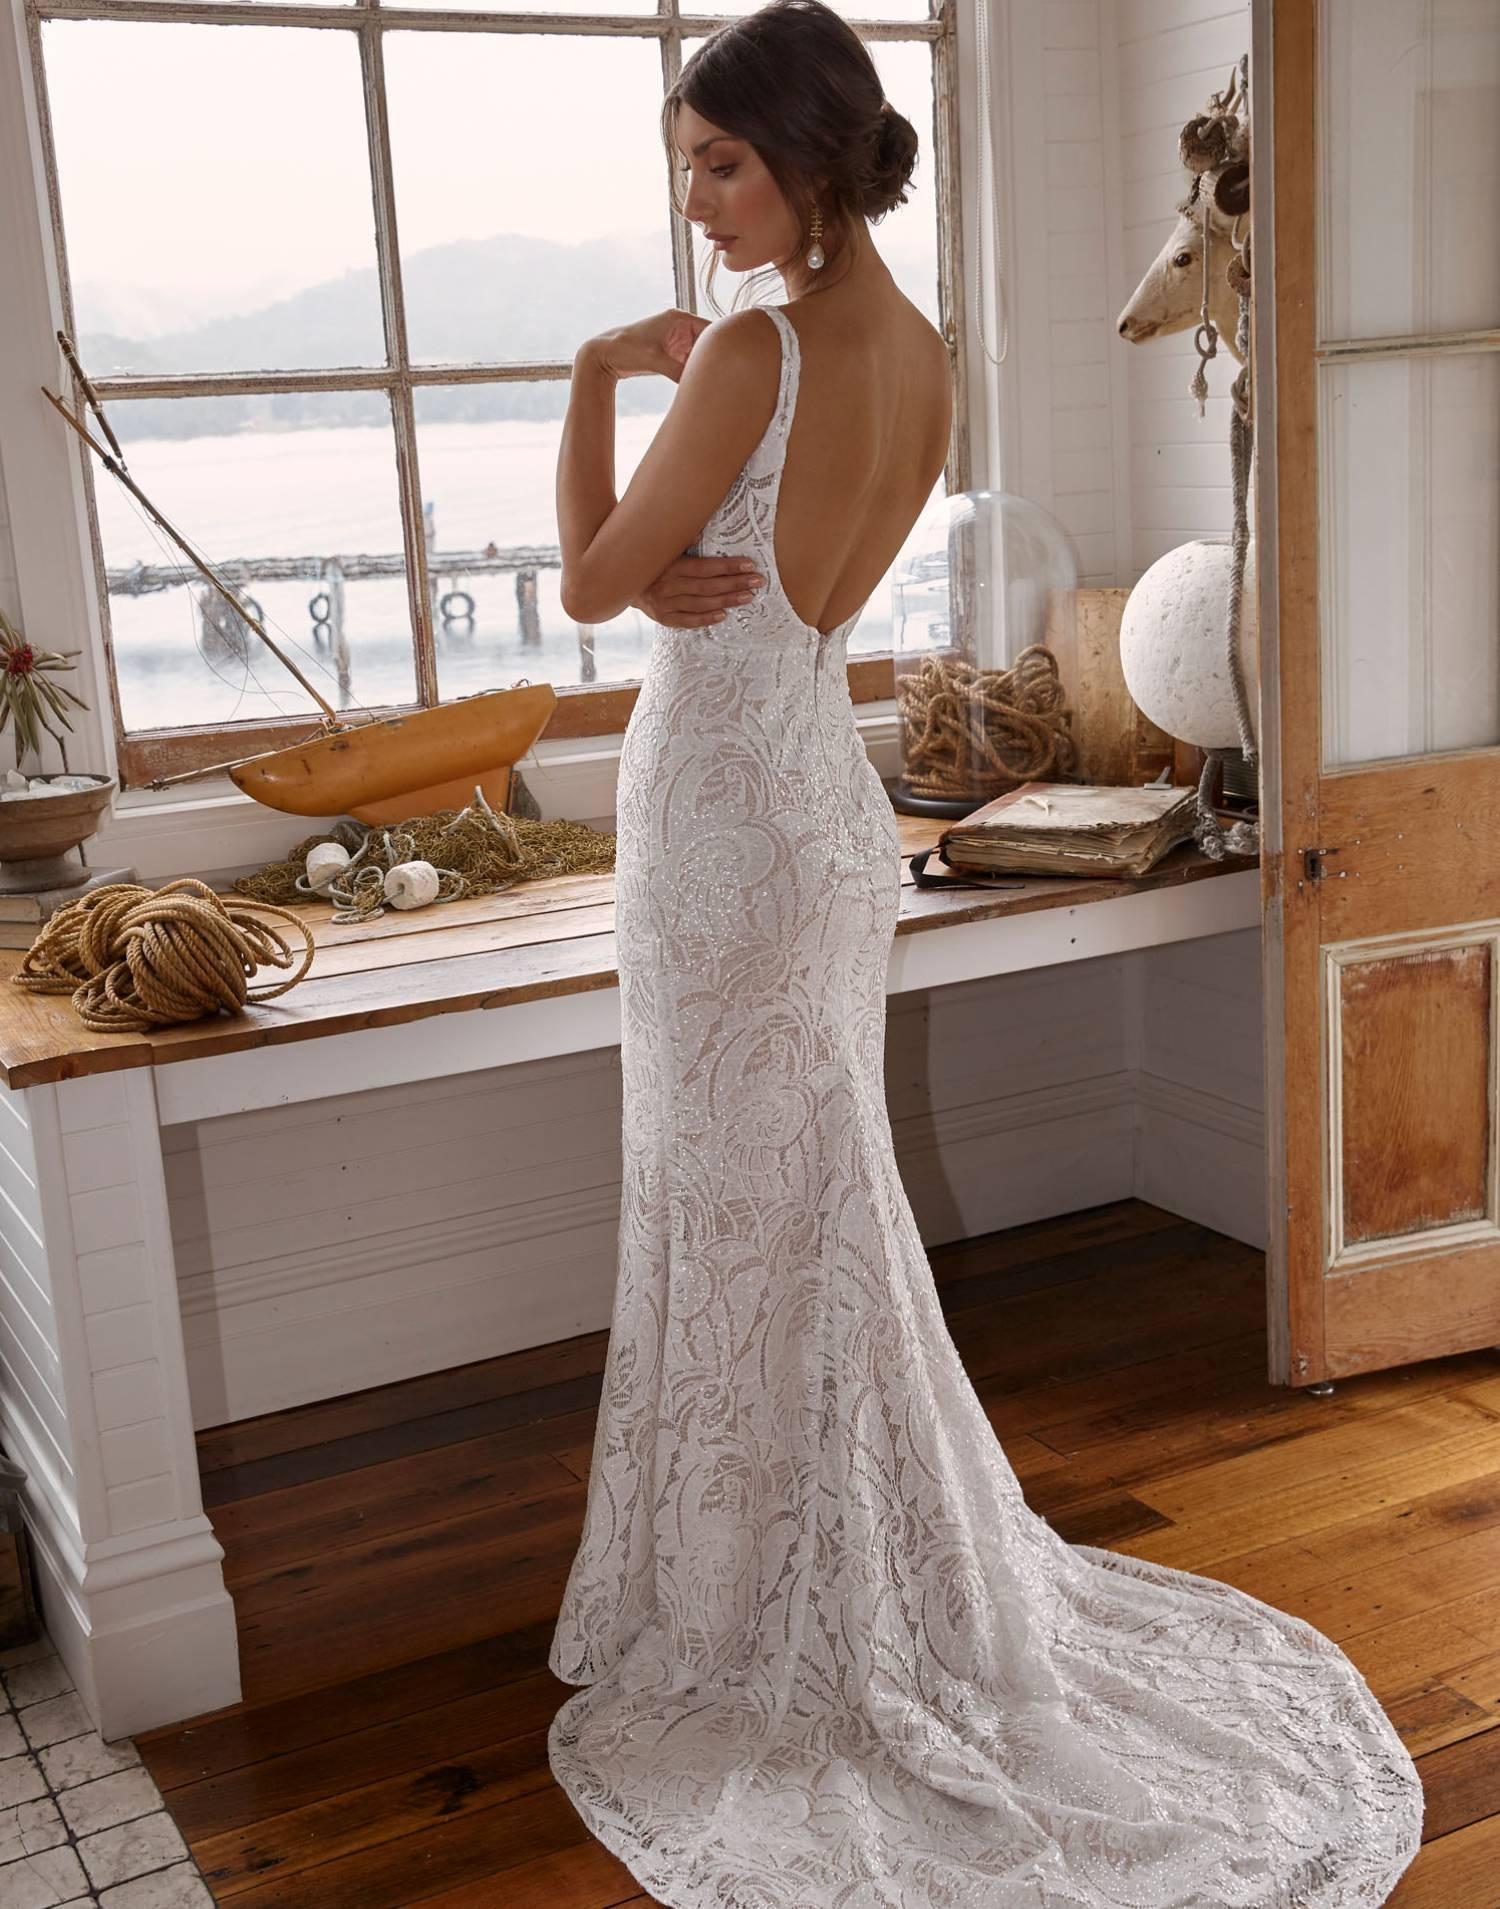 Corey – Madi Lane Wedding Dress Collection – Front View